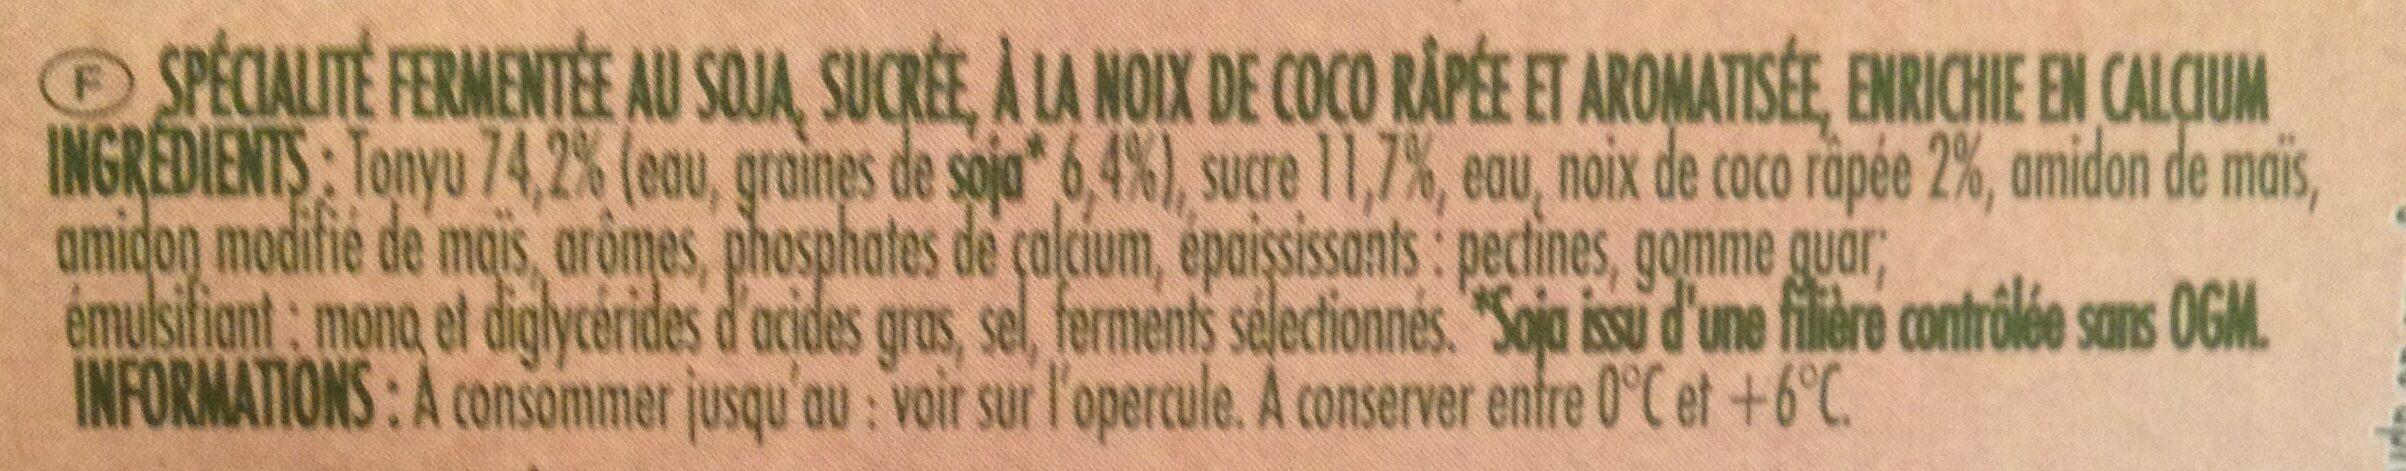 Soja cocospécialité végétale - Ingrédients - fr